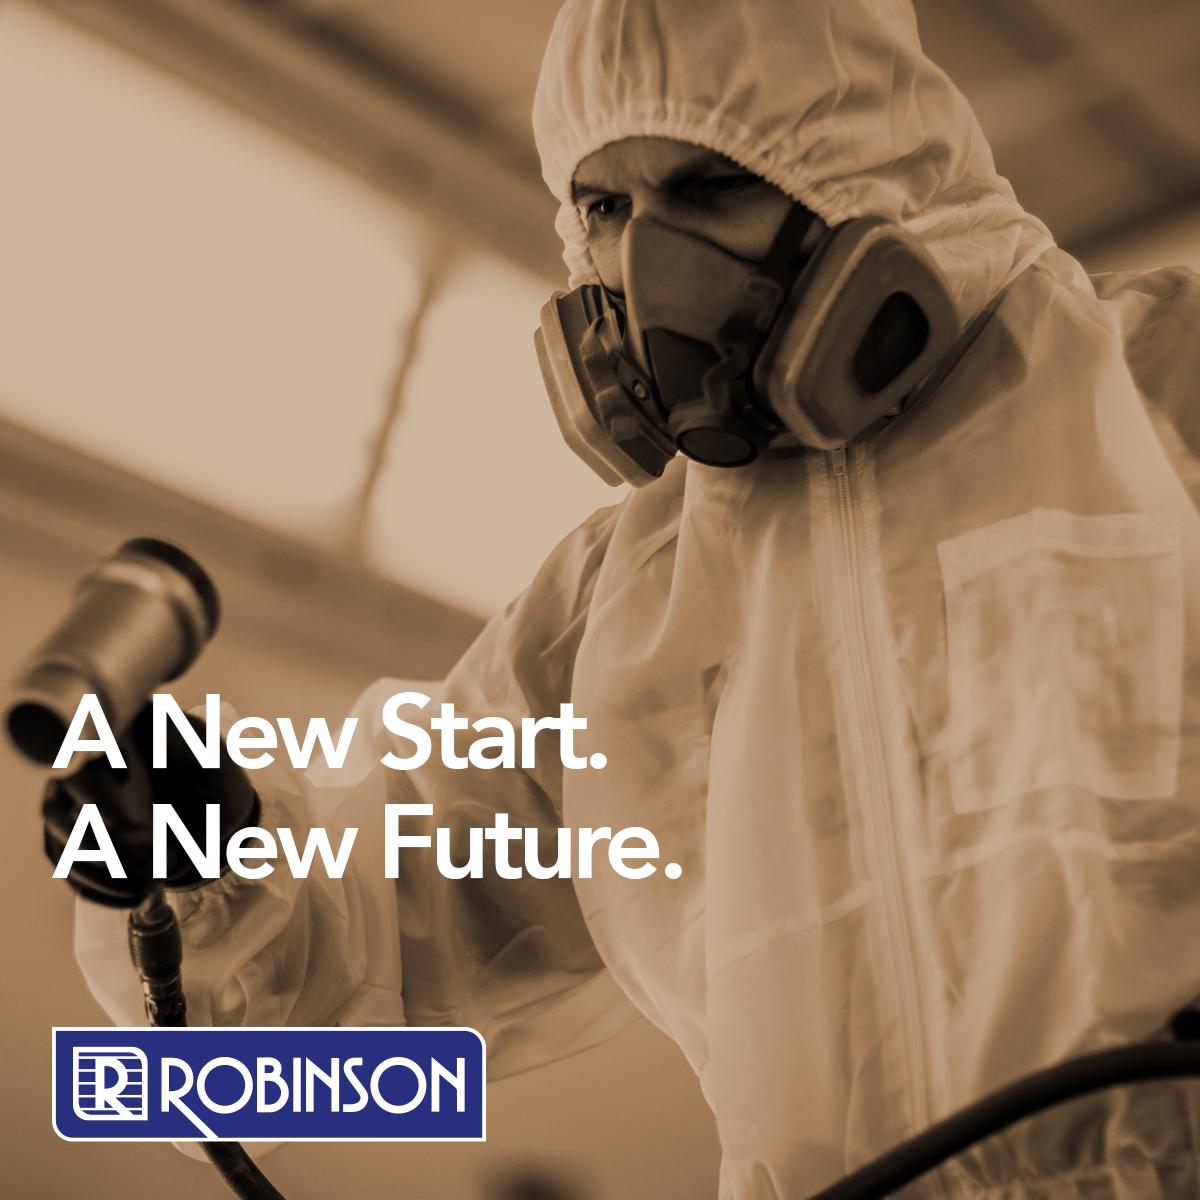 Change-Robinson-Recruitment-2021-NewFuture